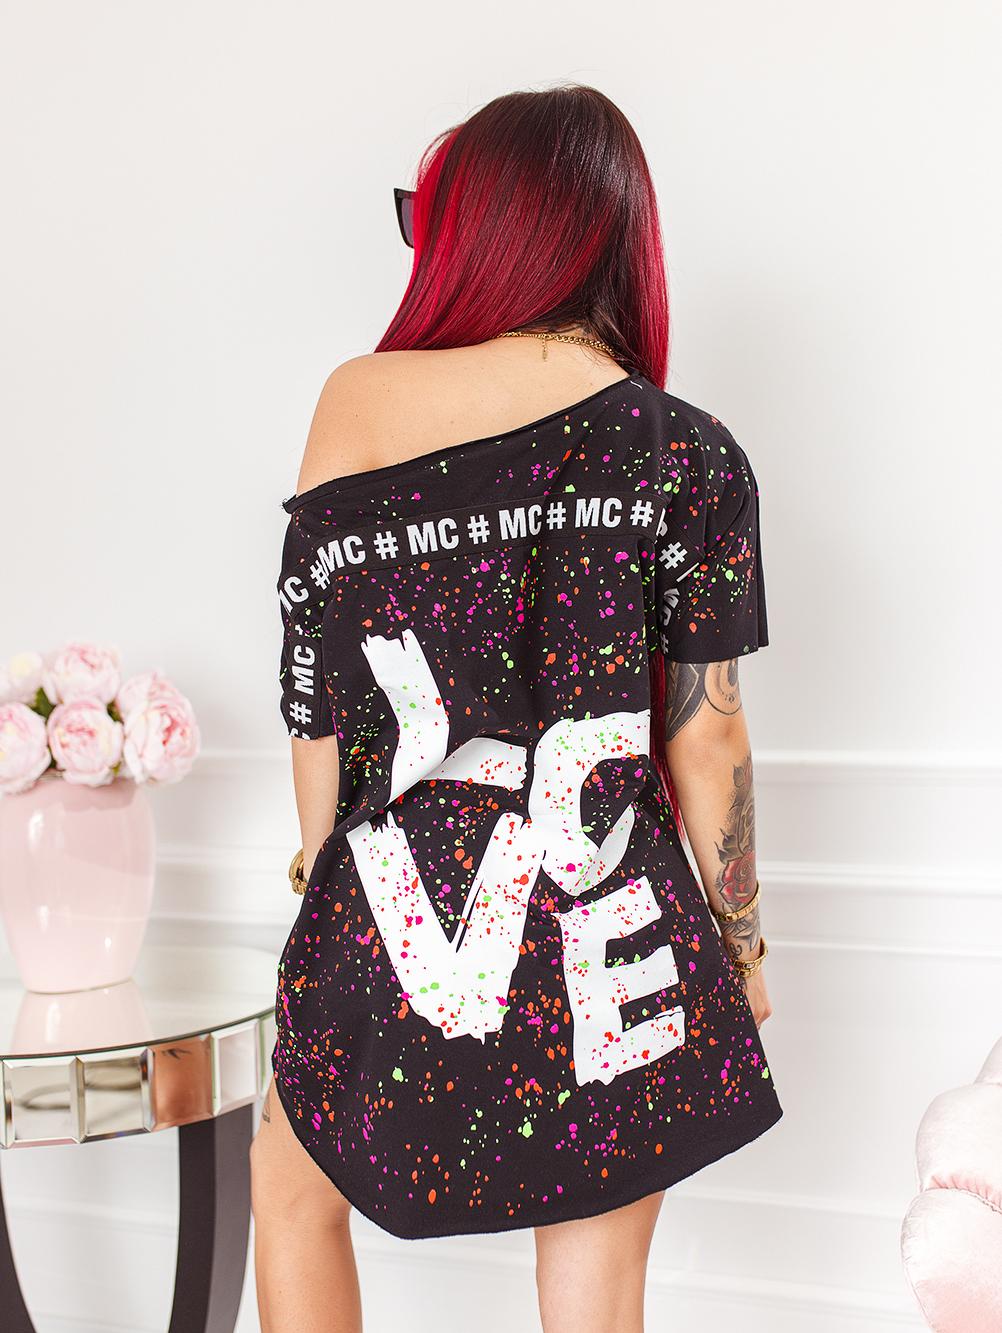 czarna-bluzka-damska-z-dekoltem-w-lodke-w-kolorwe-plamki-z-napisem-love (5)